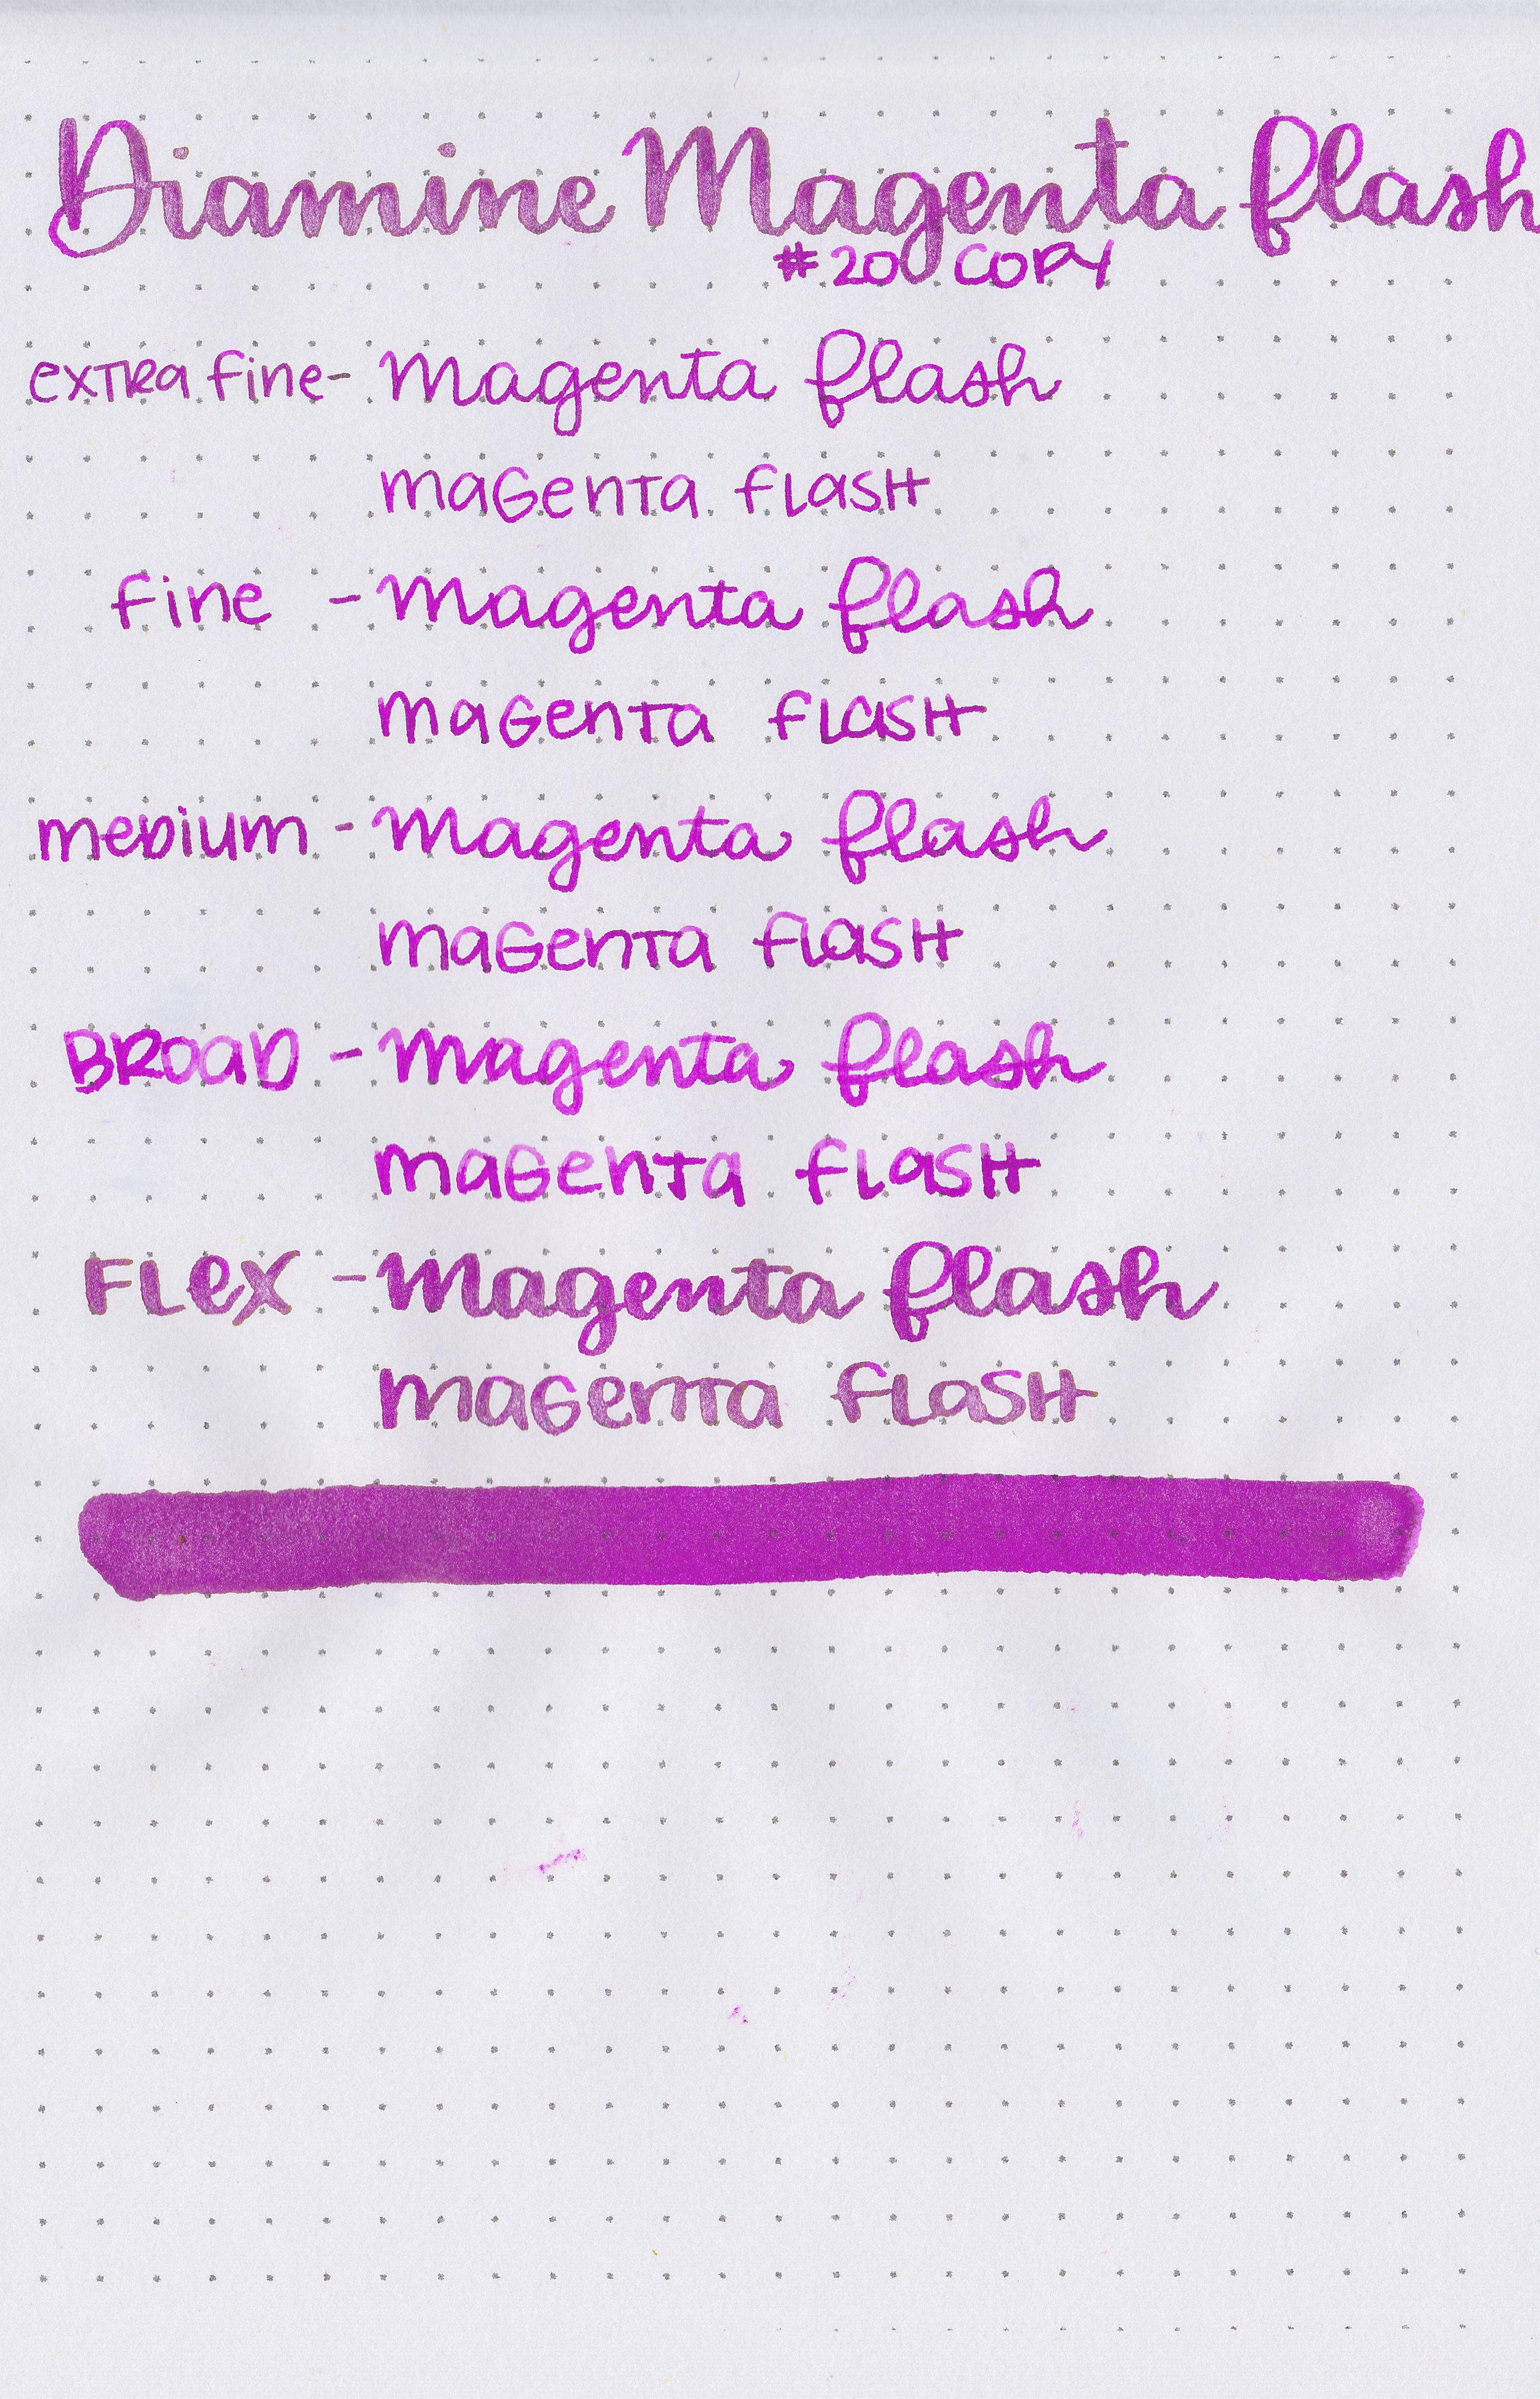 d-magenta-flash-12.jpg